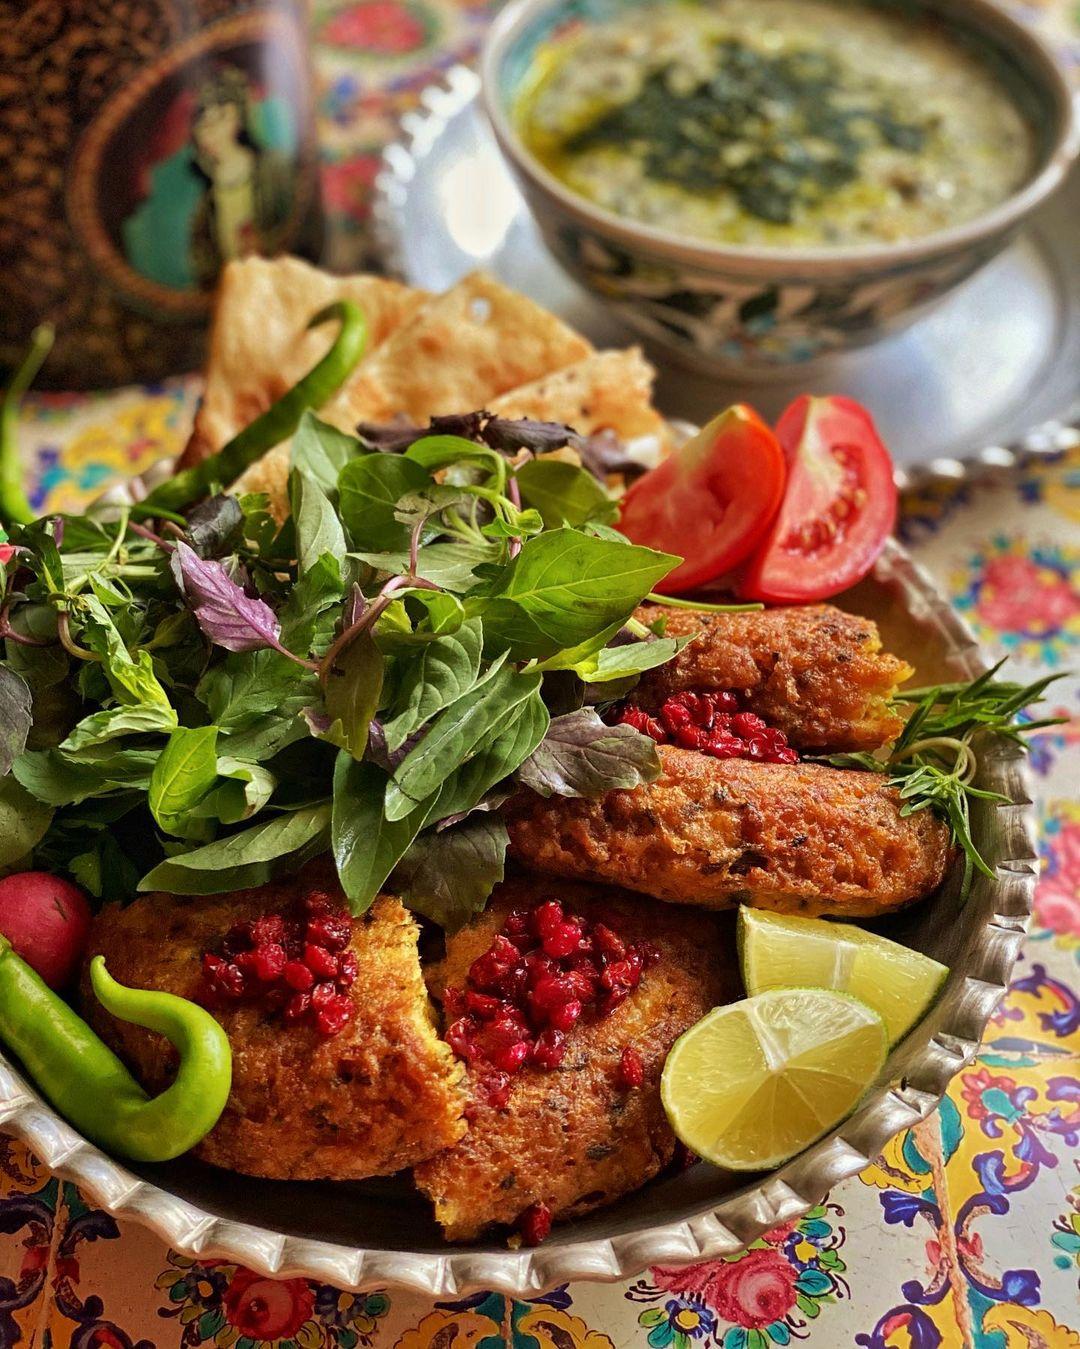 کوکو گوشت اردبیل (غذای اردبیلی)